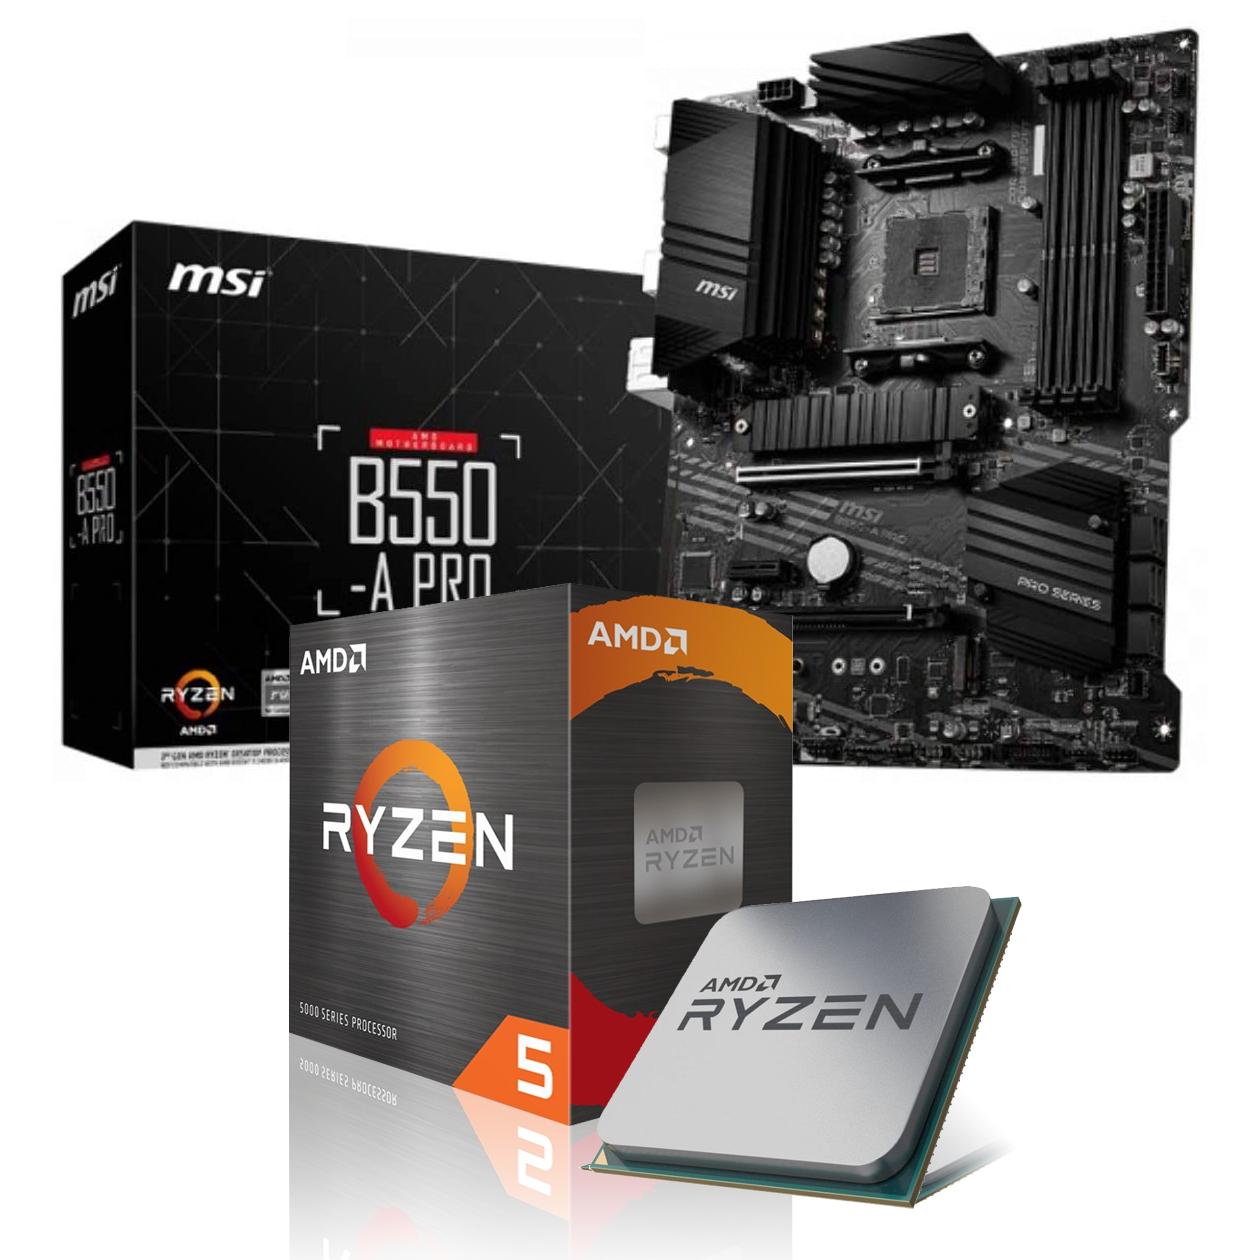 Kit AMD Ryzen 5 5600x + Carte mère MSI B550 Tomahawk + RAM Corsair Vengeance RGB 16go (2 x 8 Go).( Kit a modifier sur le site )